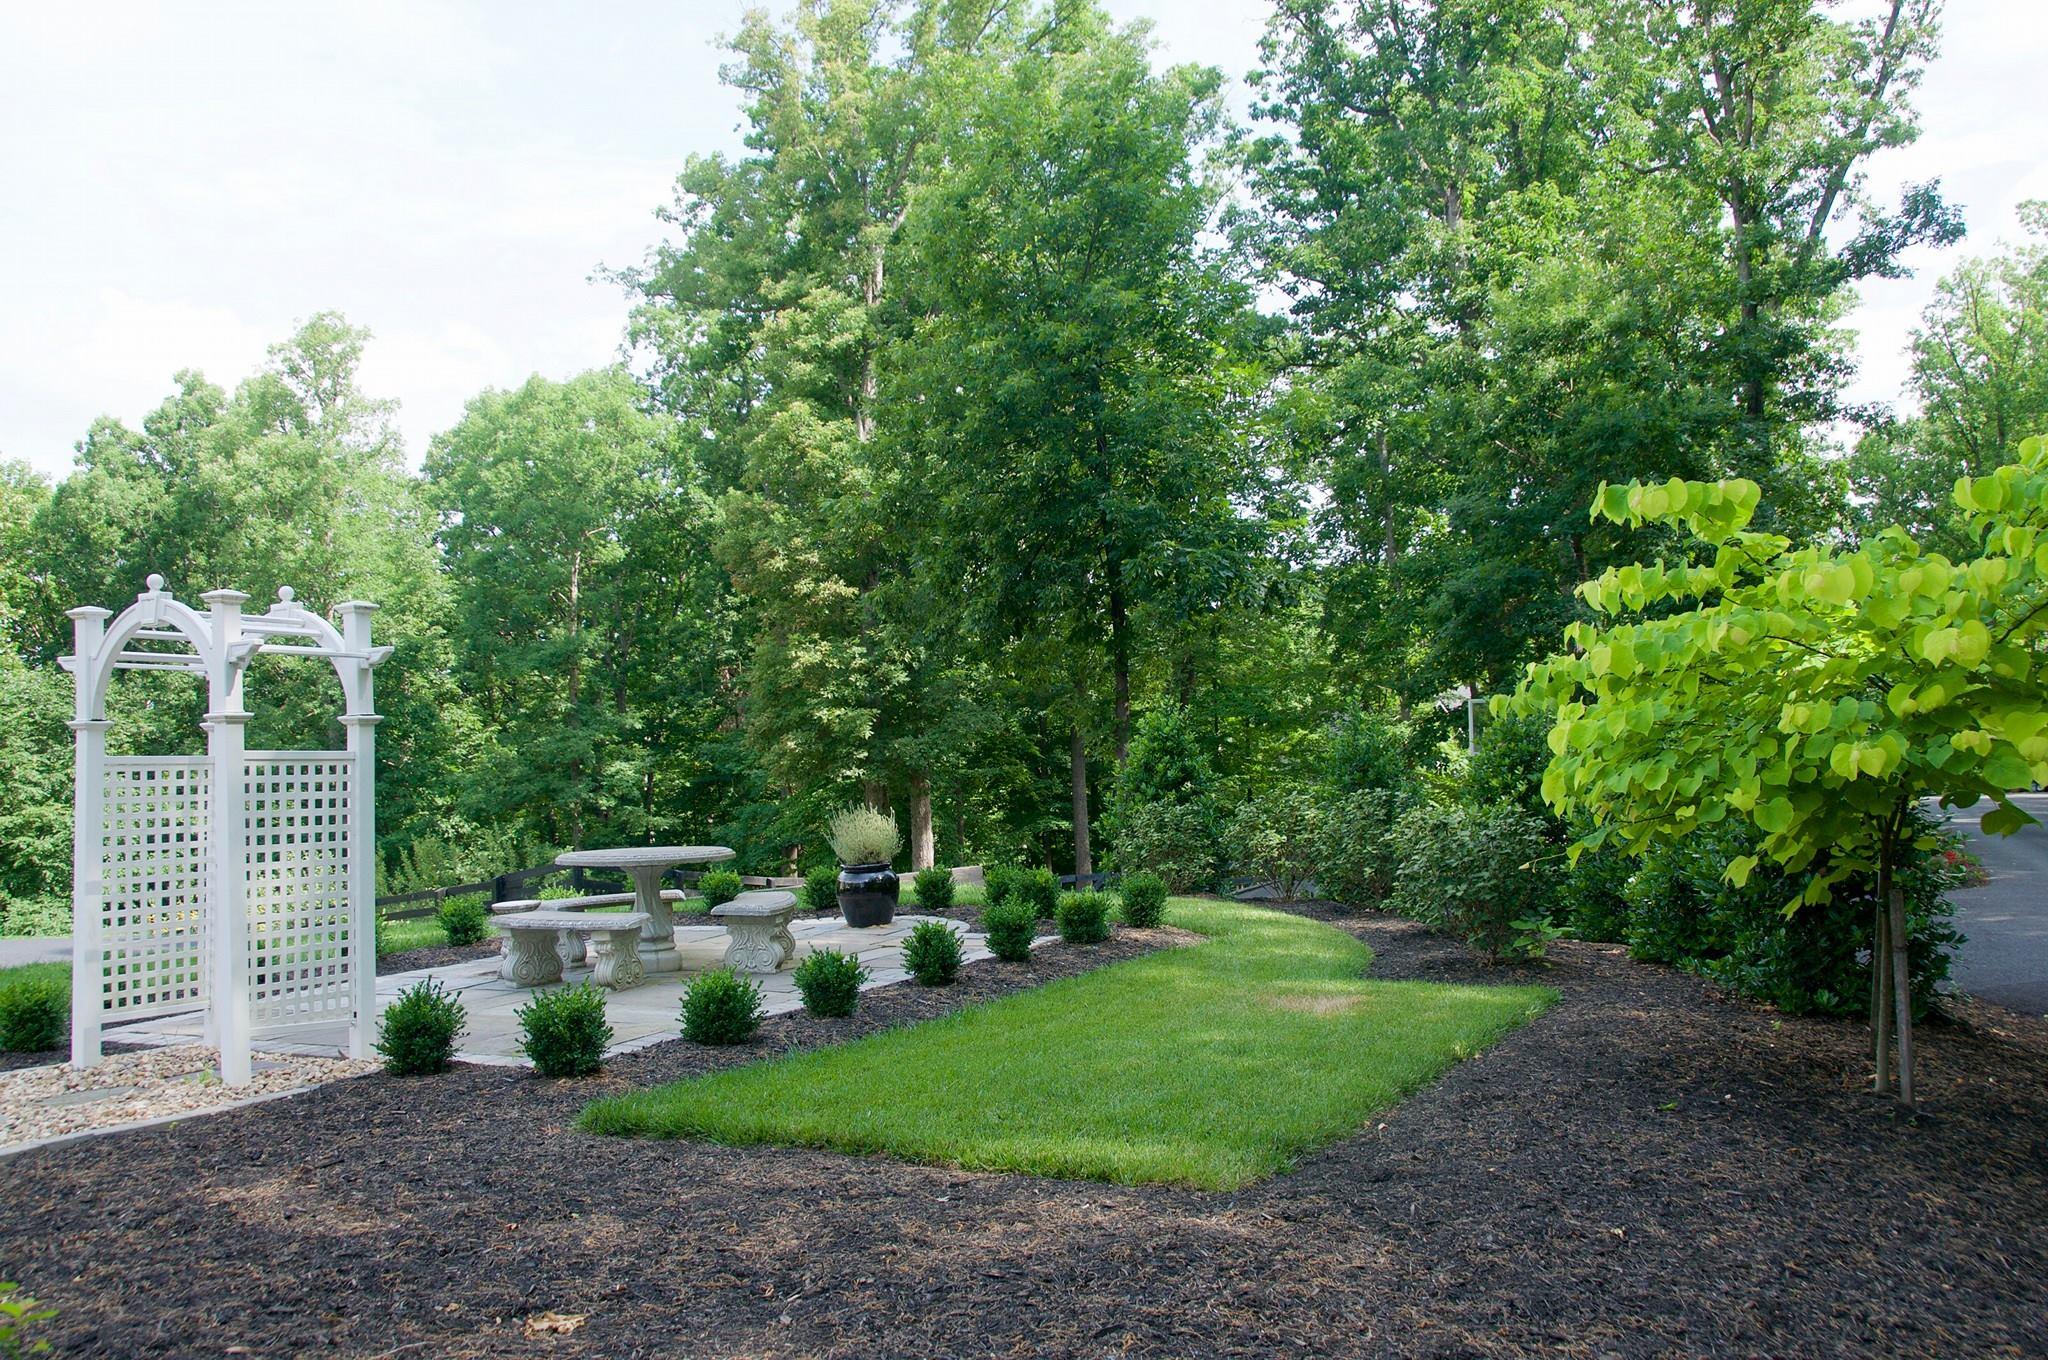 E Scapes Landscaping Commercial Landscape Maintenance